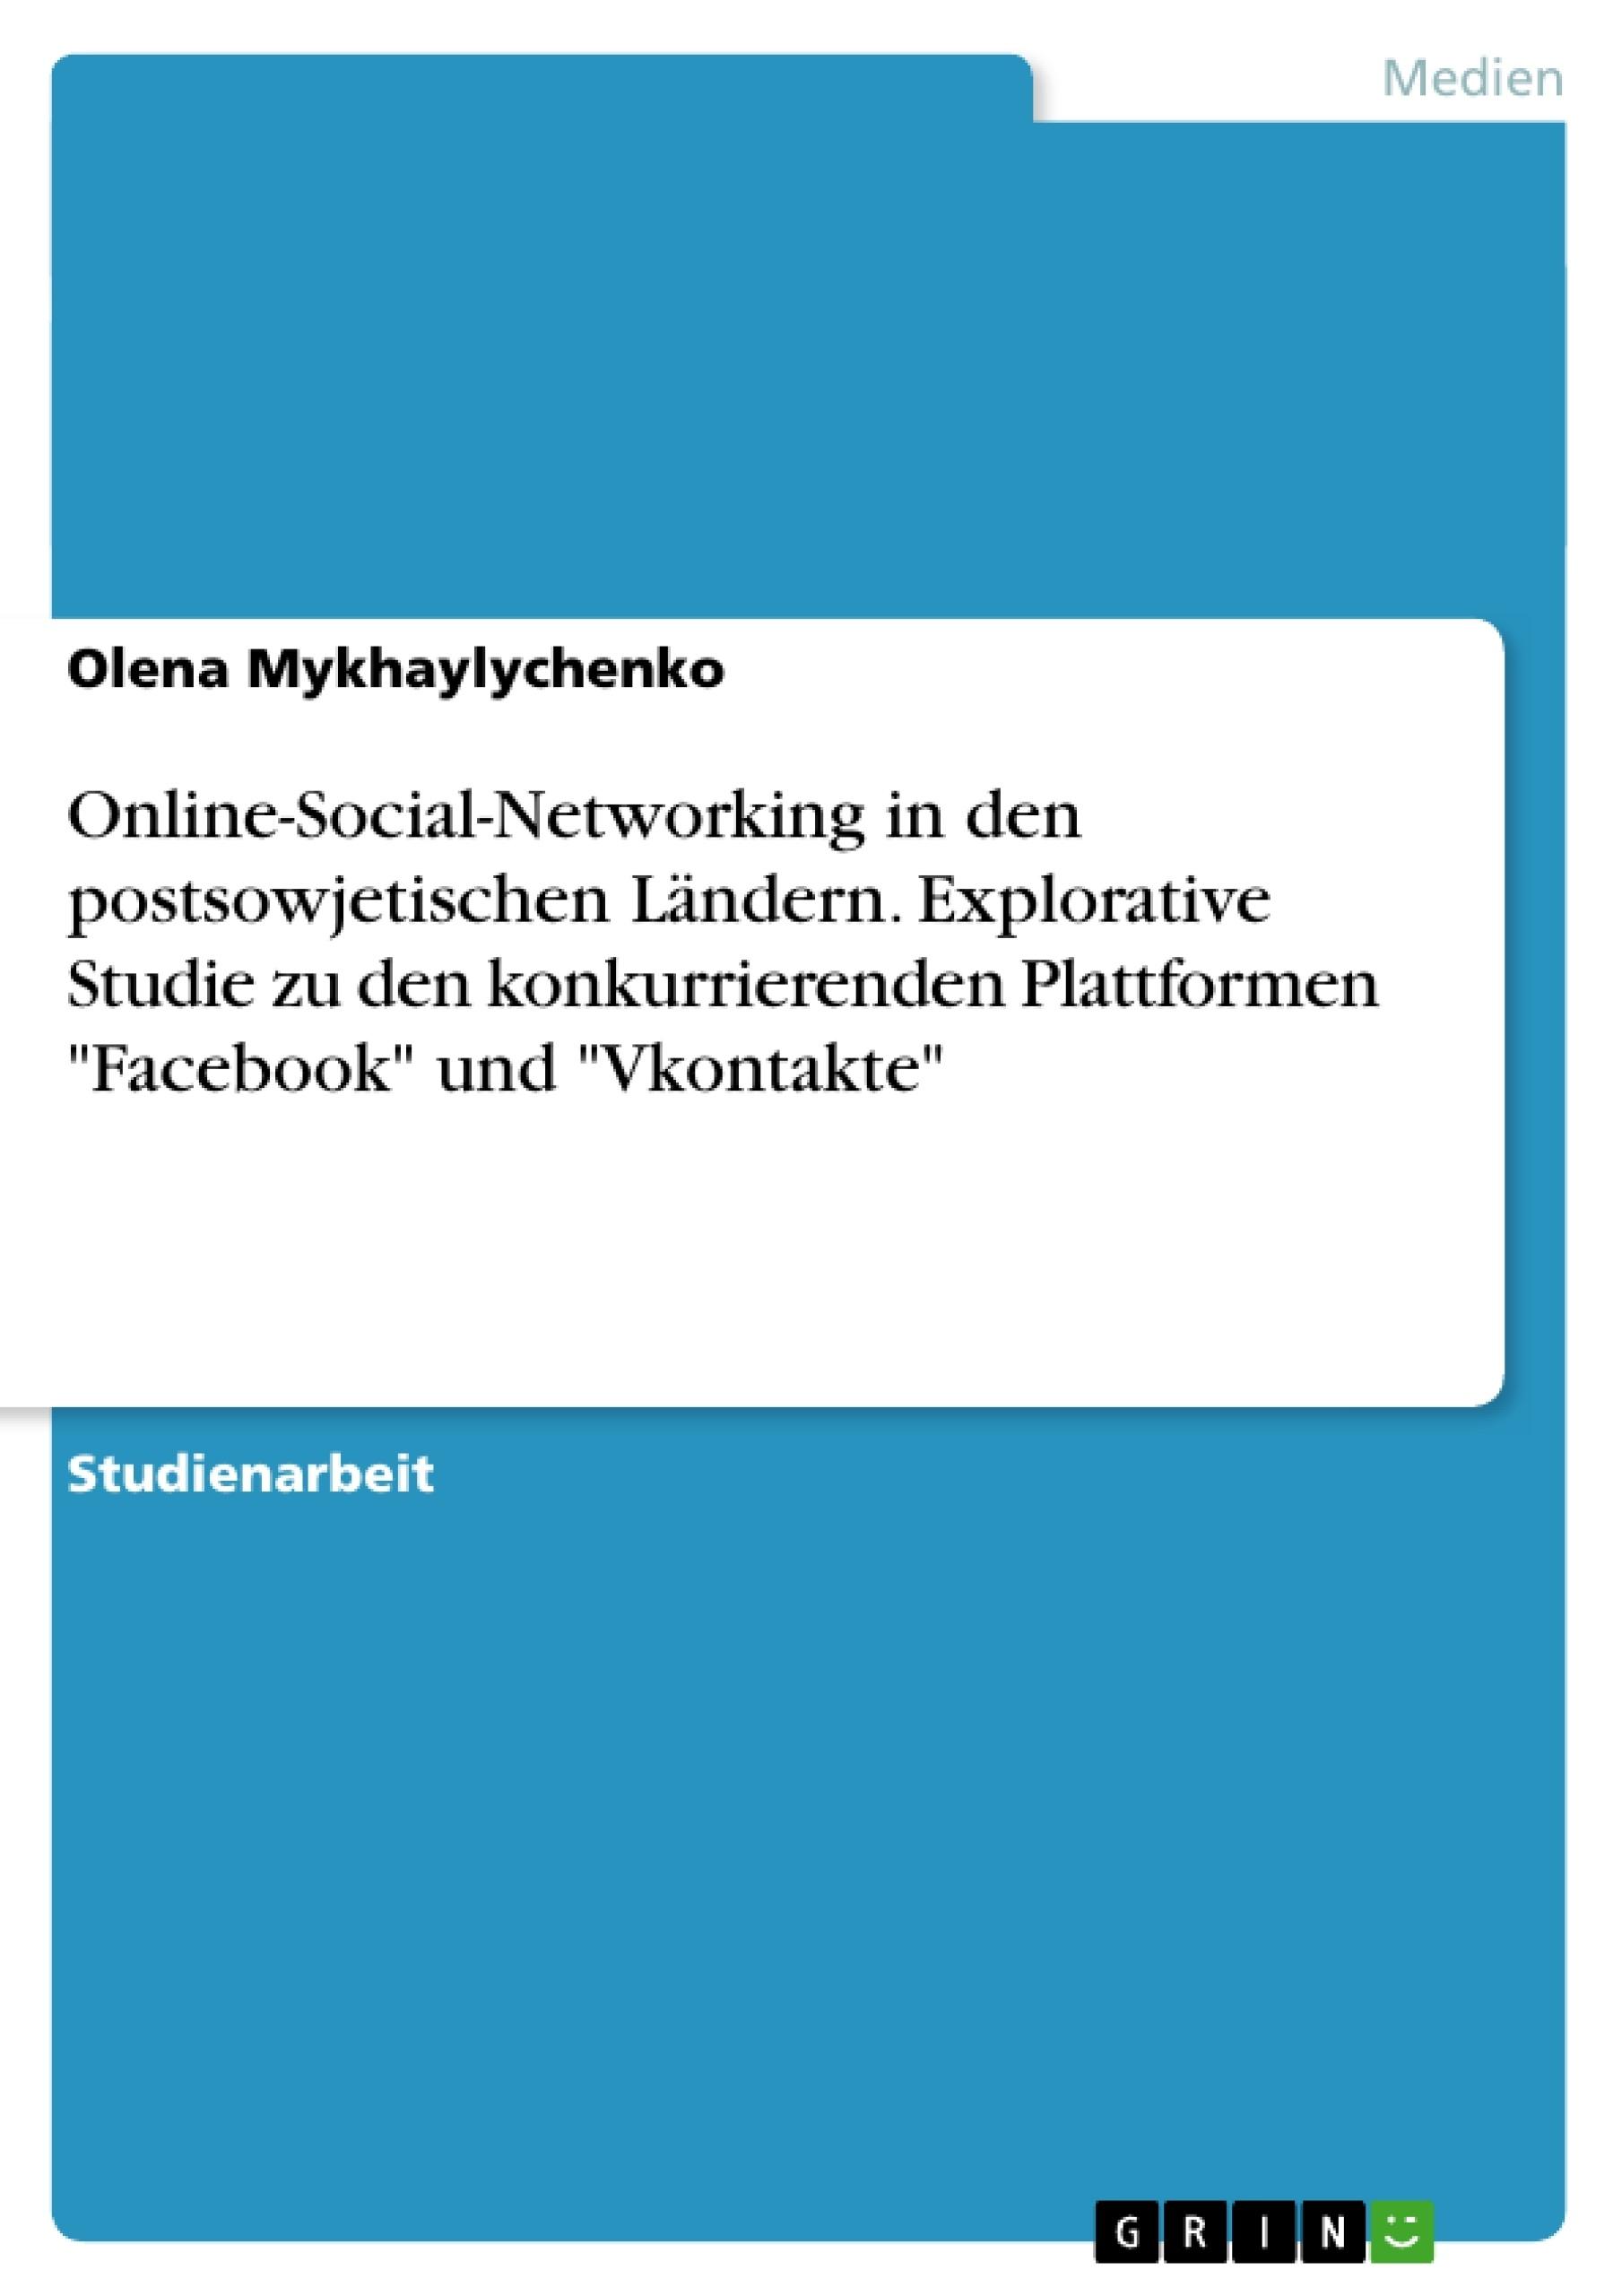 """Titel: Online-Social-Networking in den postsowjetischen Ländern. Explorative Studie zu den konkurrierenden Plattformen """"Facebook"""" und """"Vkontakte"""""""